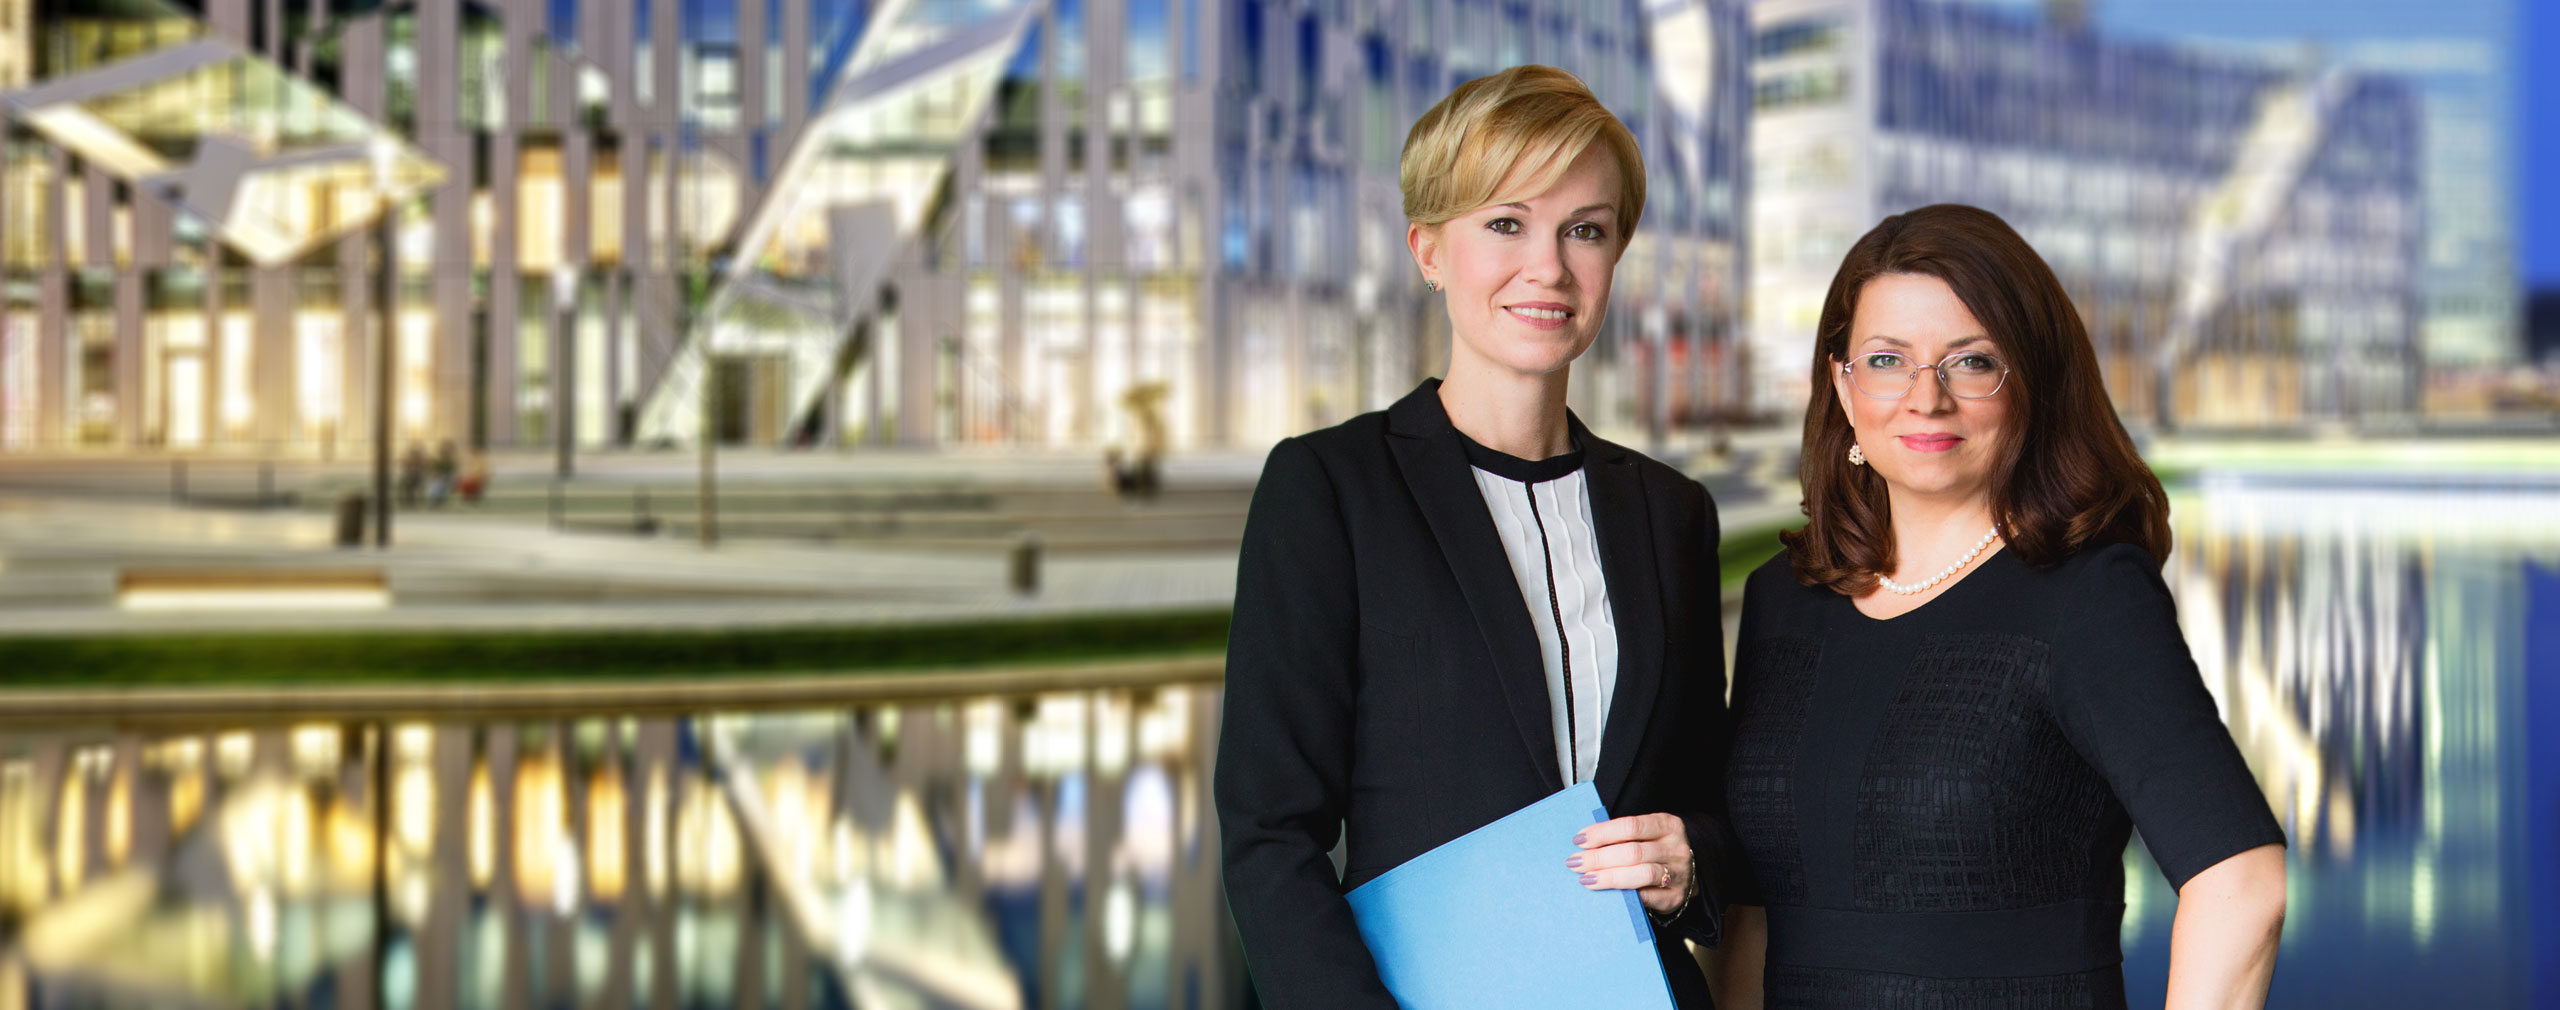 Die 2 Gründerinnen von SGH Legal vor ihrer Anwaltskanzlei